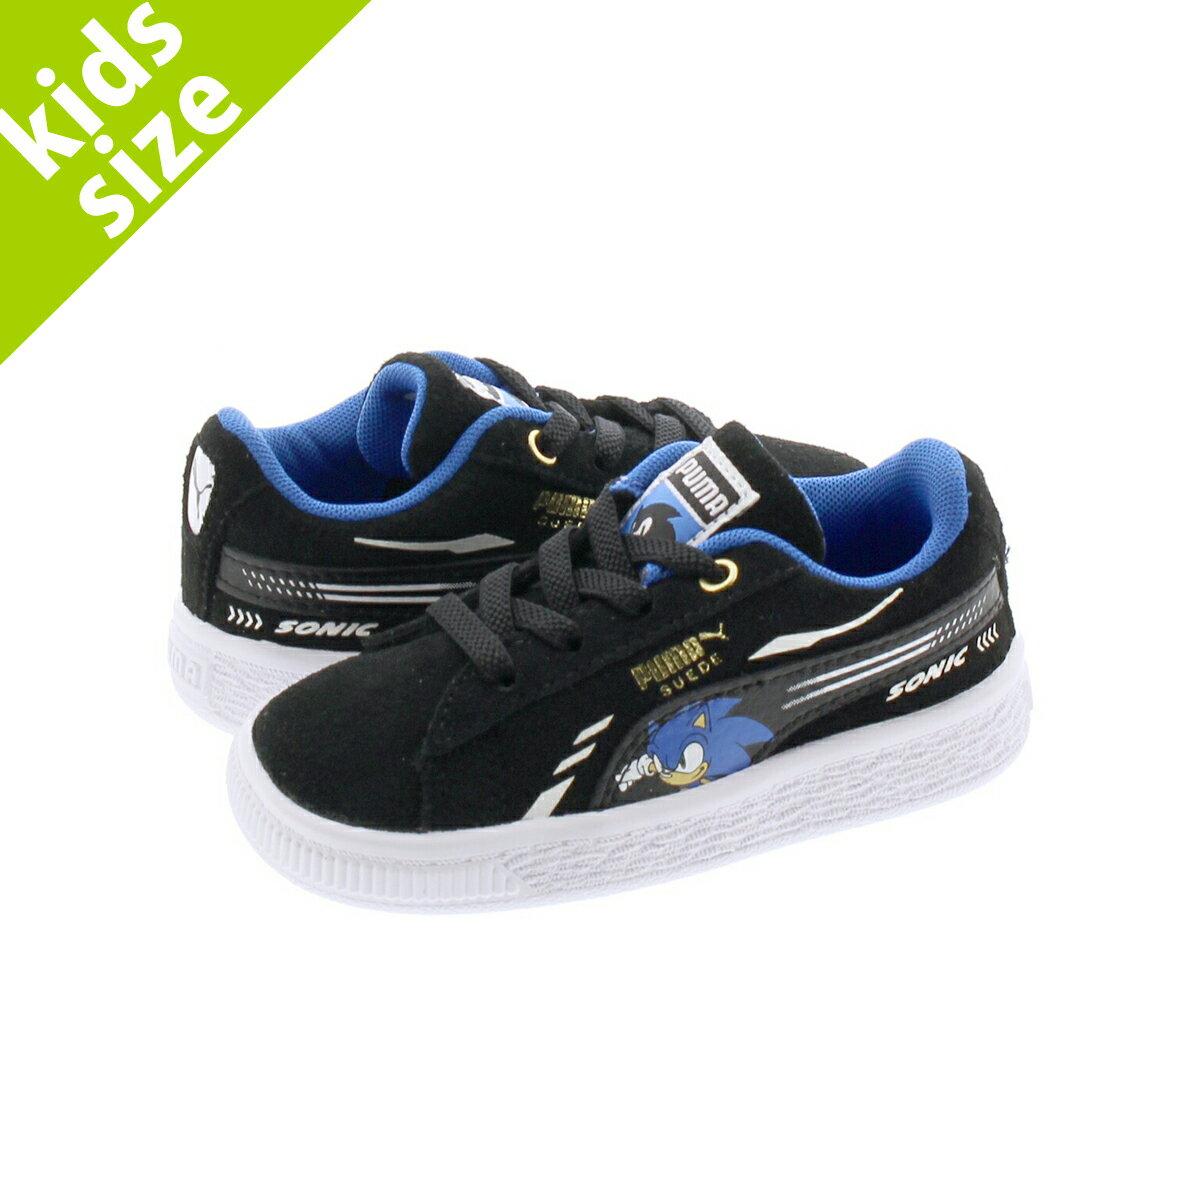 靴, スニーカー  12.016.0cmPUMA x SEGA SUEDE SONIC AC INFANT x AC BLACK 371999-01